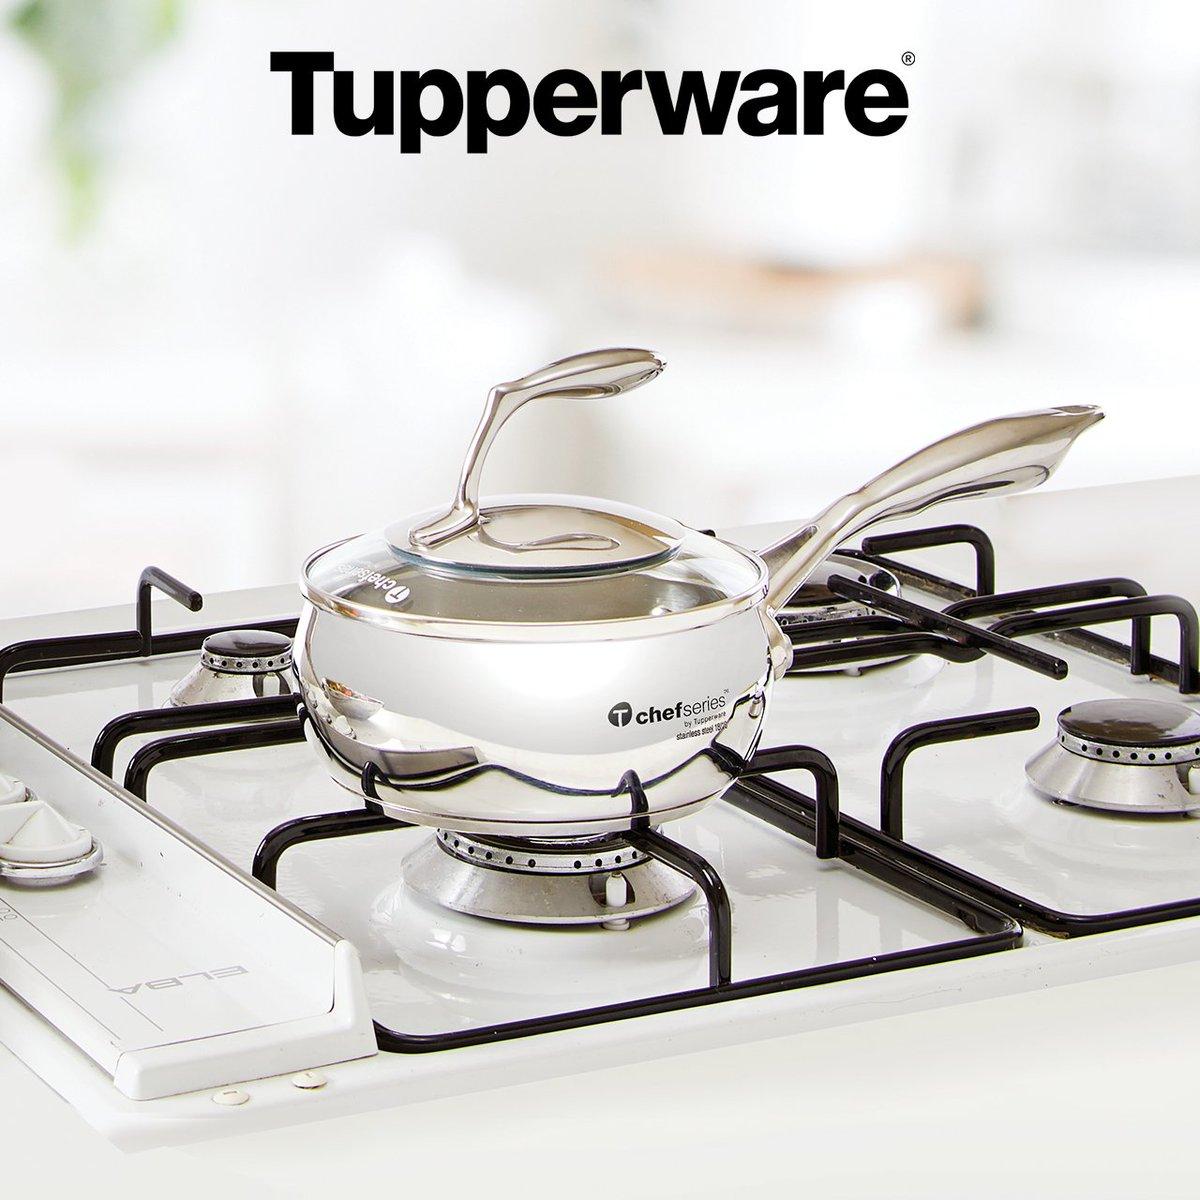 Tupperware Indonesia On Twitter Tchef Sauce Pan 1l W Glass Cover Fry Untuk Masak Makanan Berkuah Yang Pas Porsinya Keluarga